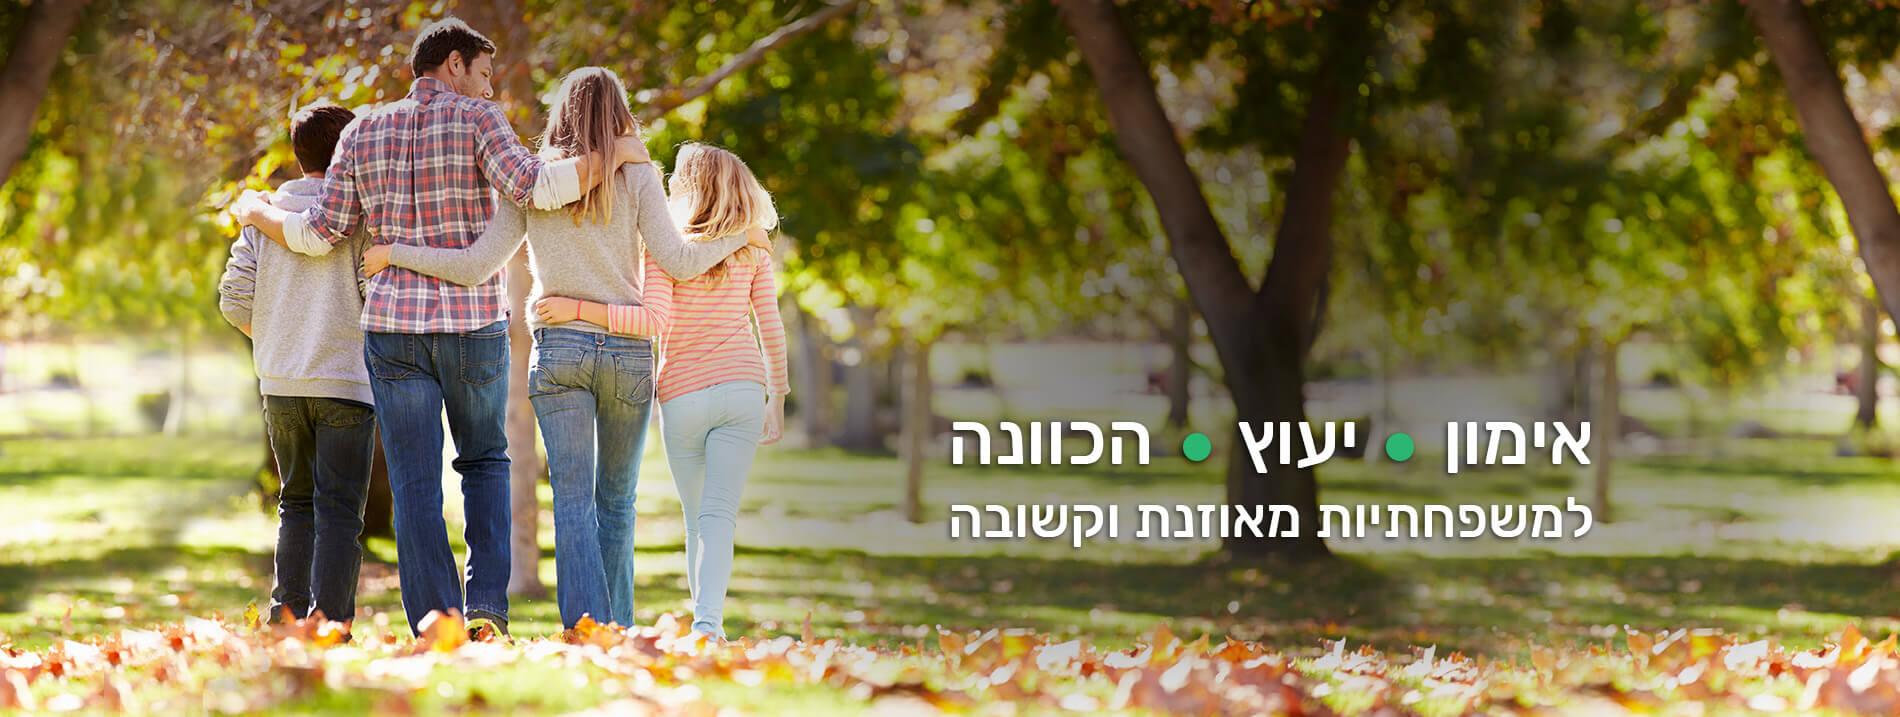 אימון, ייעוץ והכוונה למשפחתיות מאוזנת וקשובה - יפעת דננברג | כלים קשובים